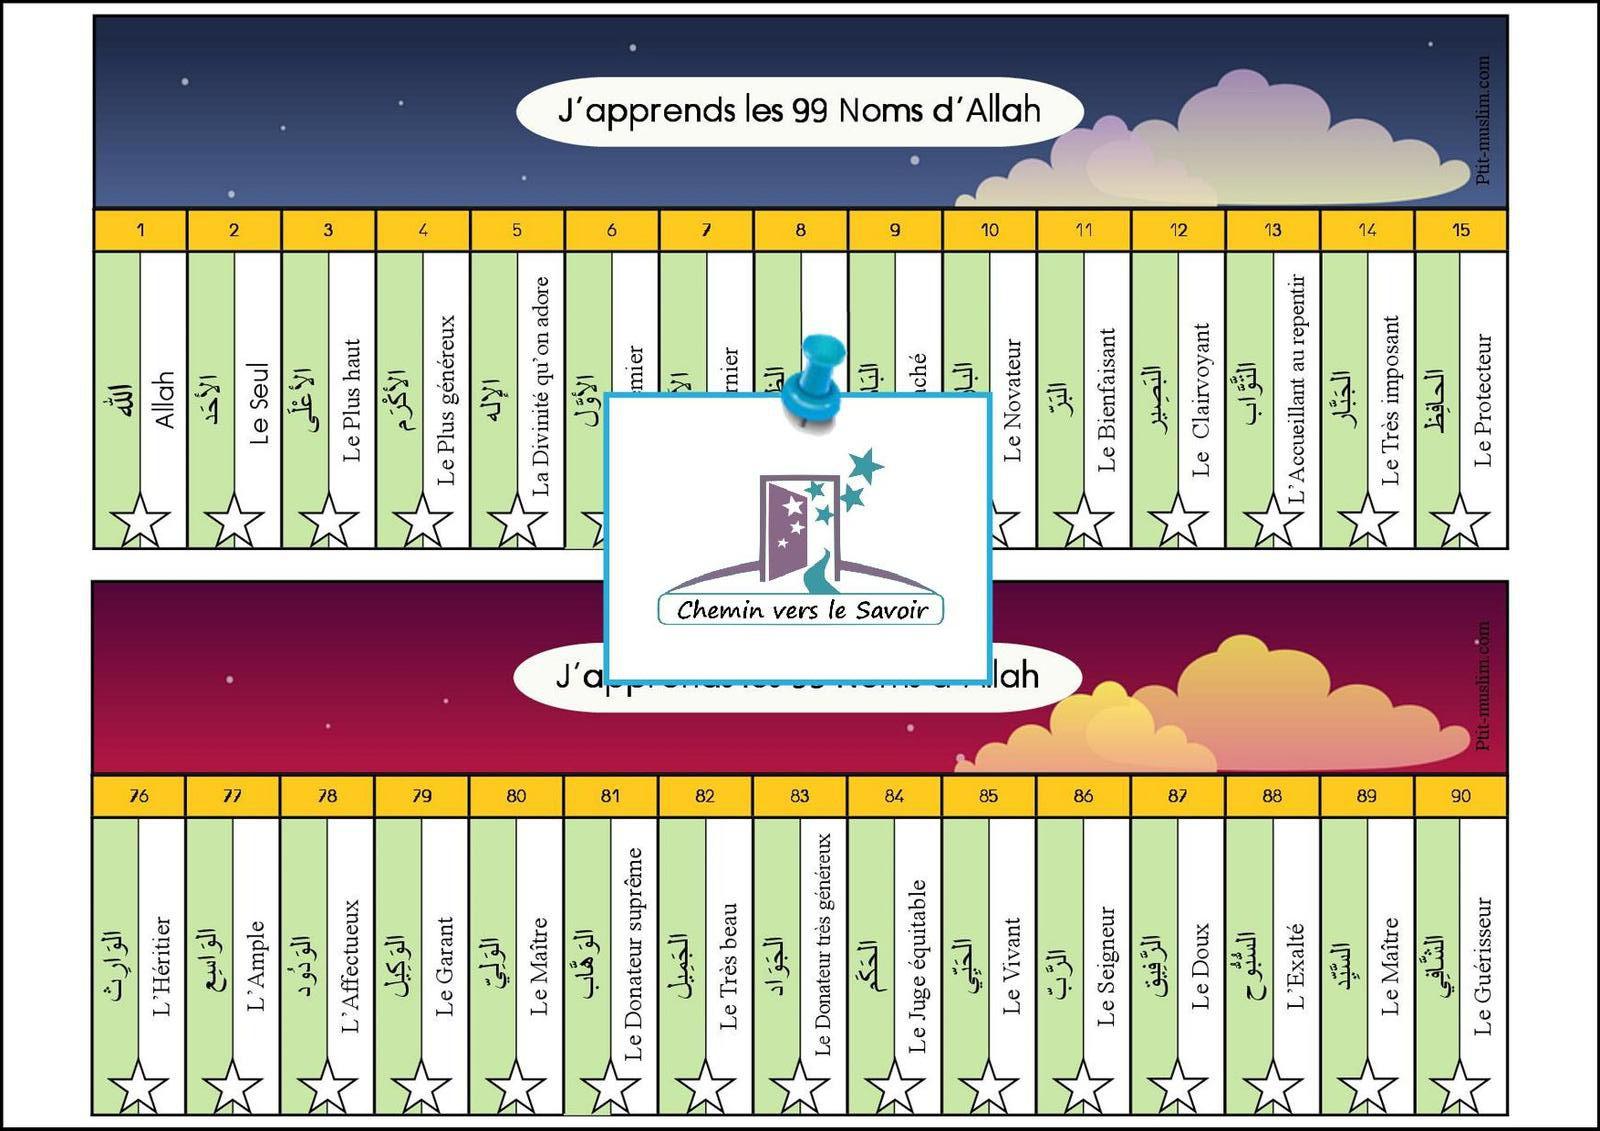 Frise des 99 Noms d'Allah